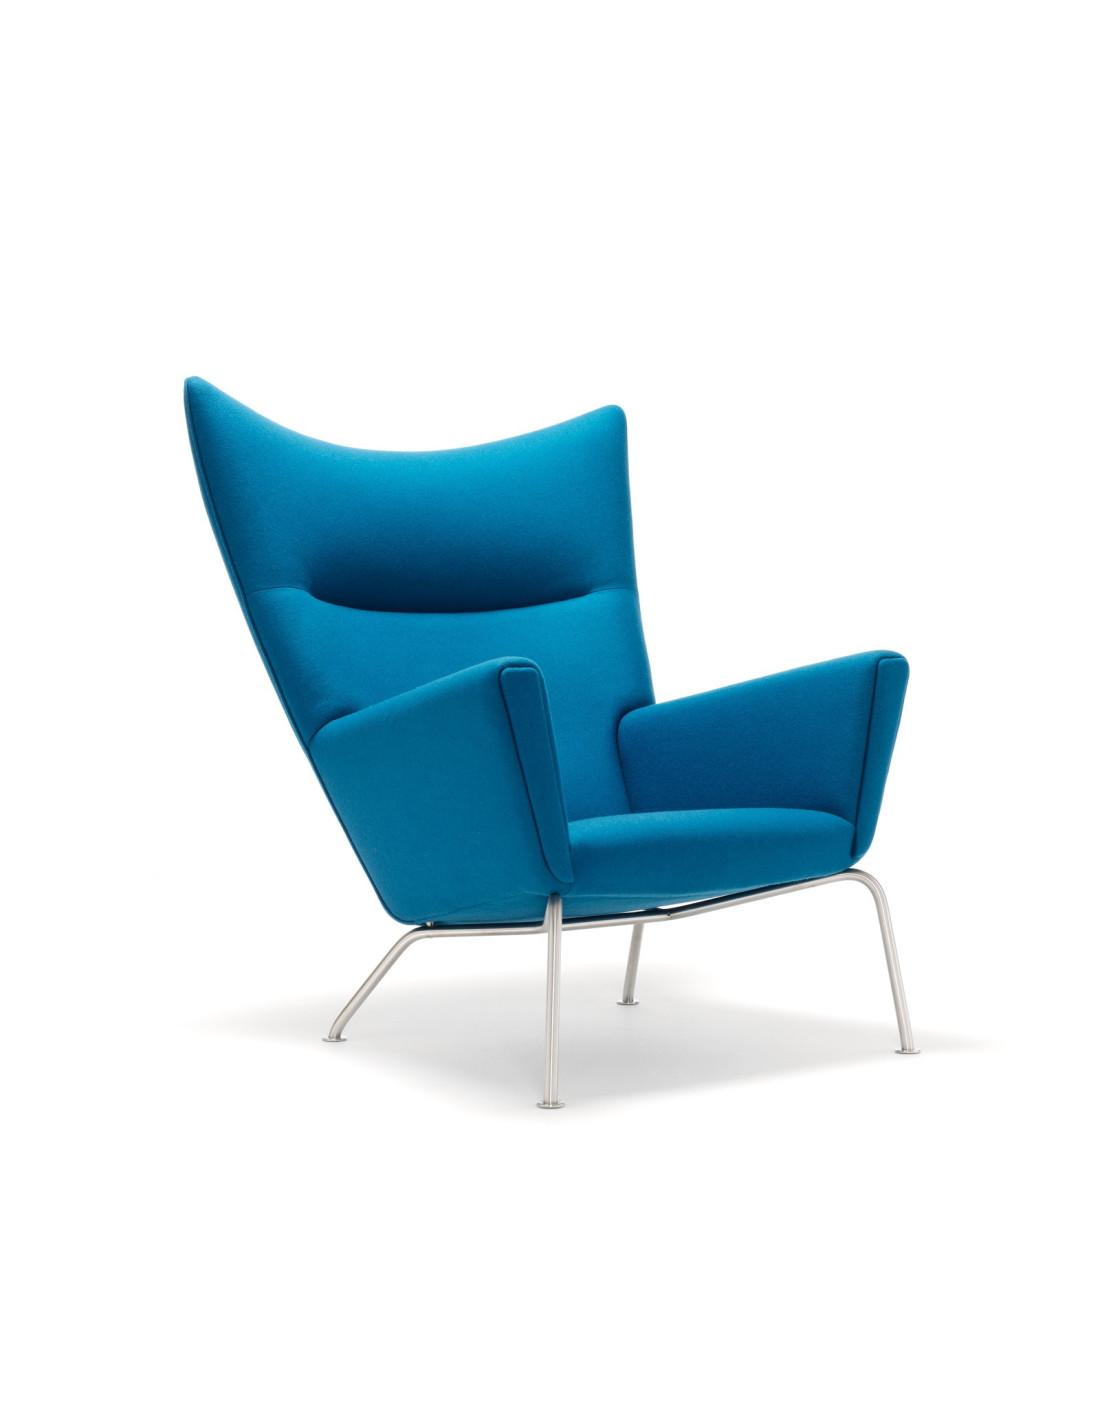 fauteuil wing ou ch445 par hans wegner pour carl hansen. Black Bedroom Furniture Sets. Home Design Ideas